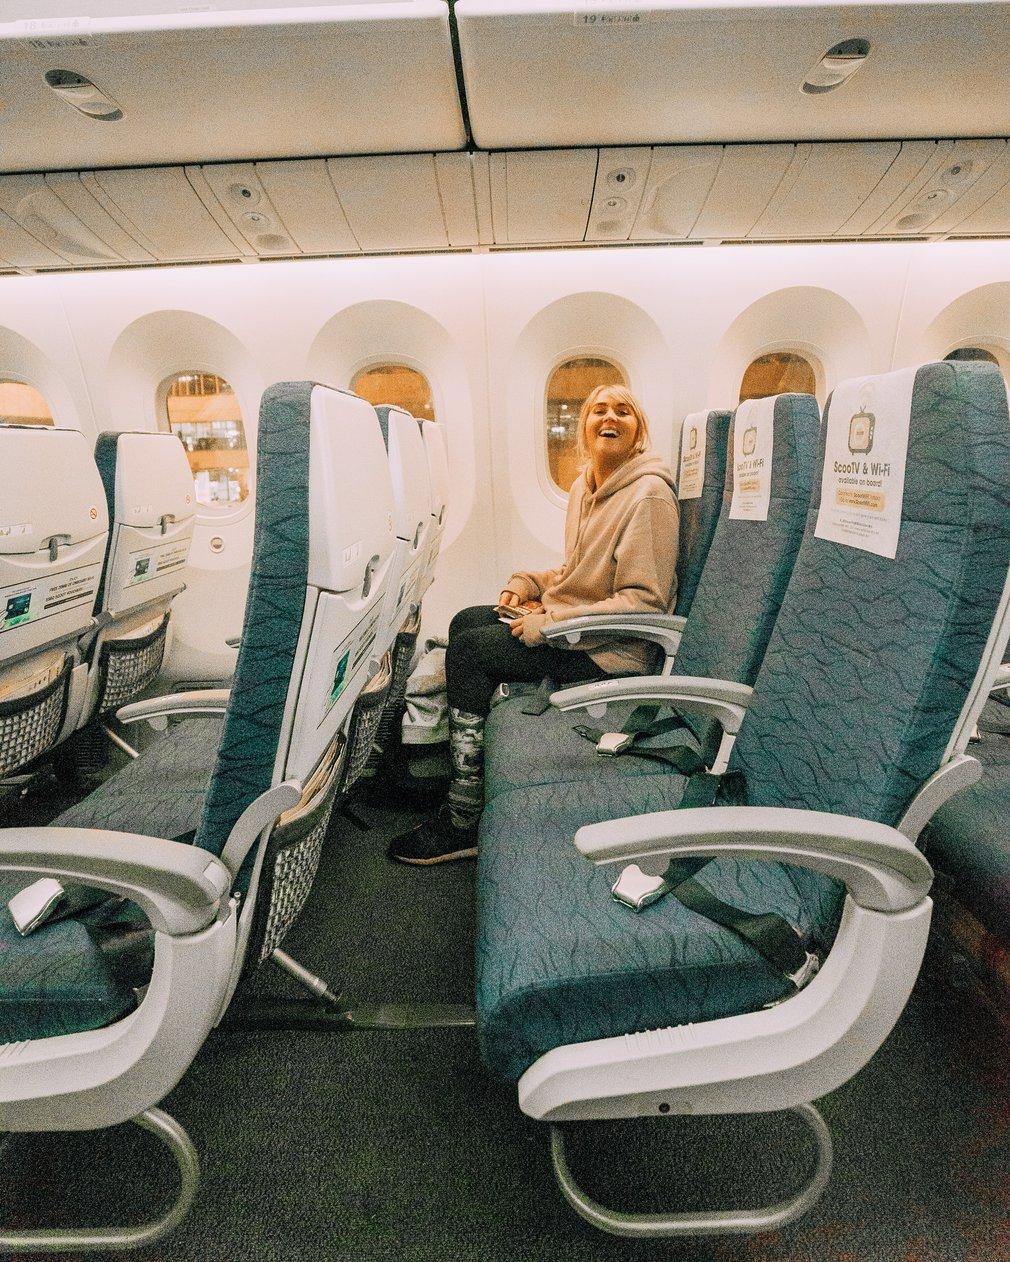 Scoot economy seats